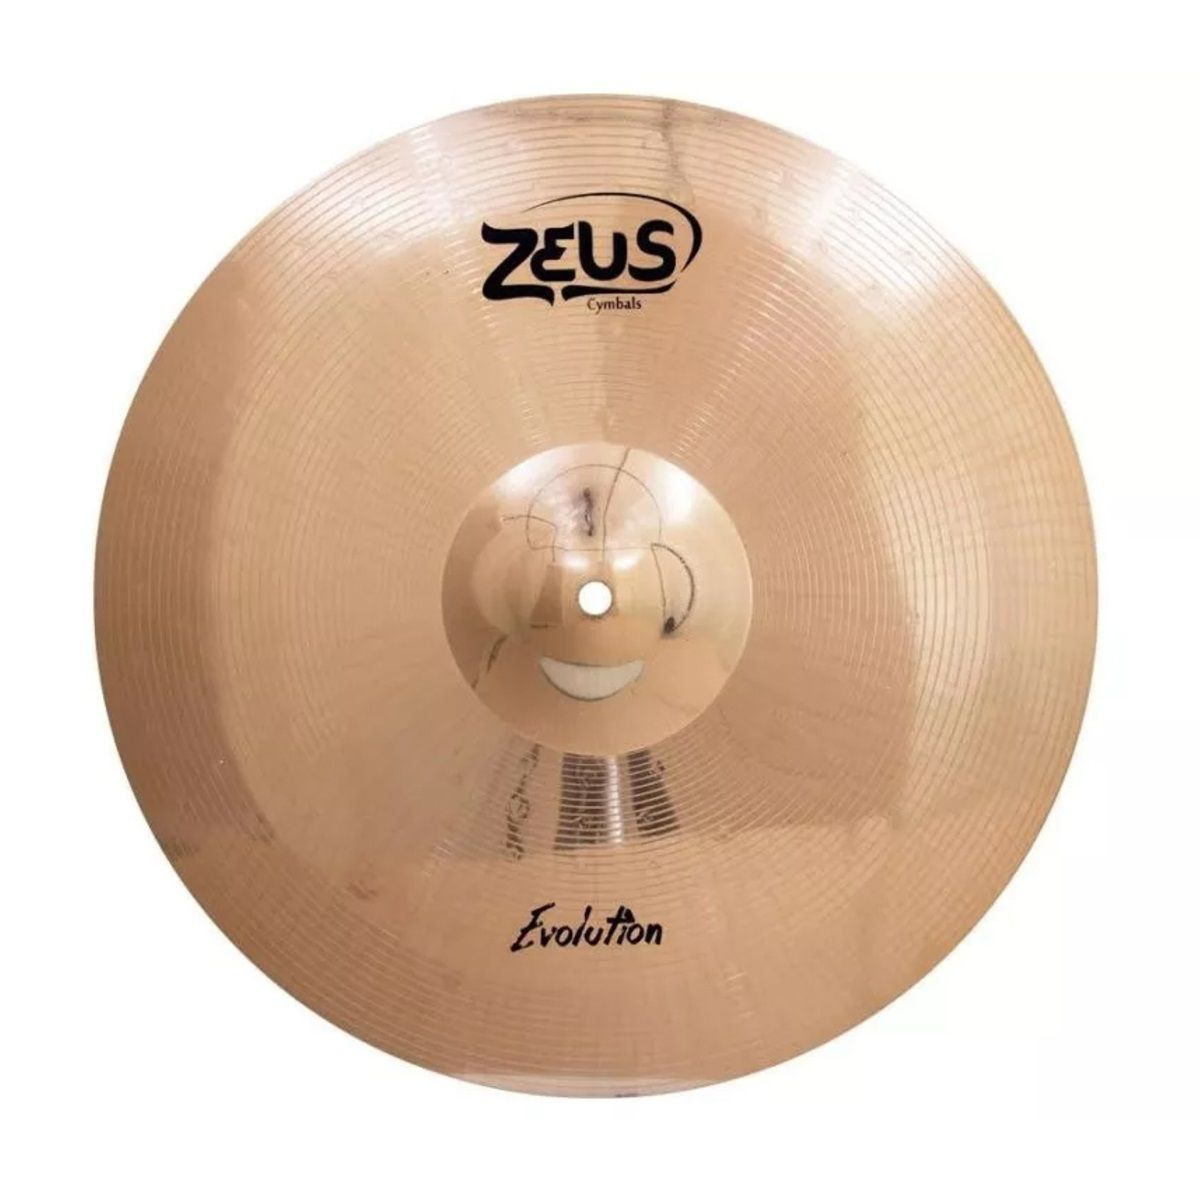 Prato Zeus Evolution Crash 17 Zevc17 Liga B10